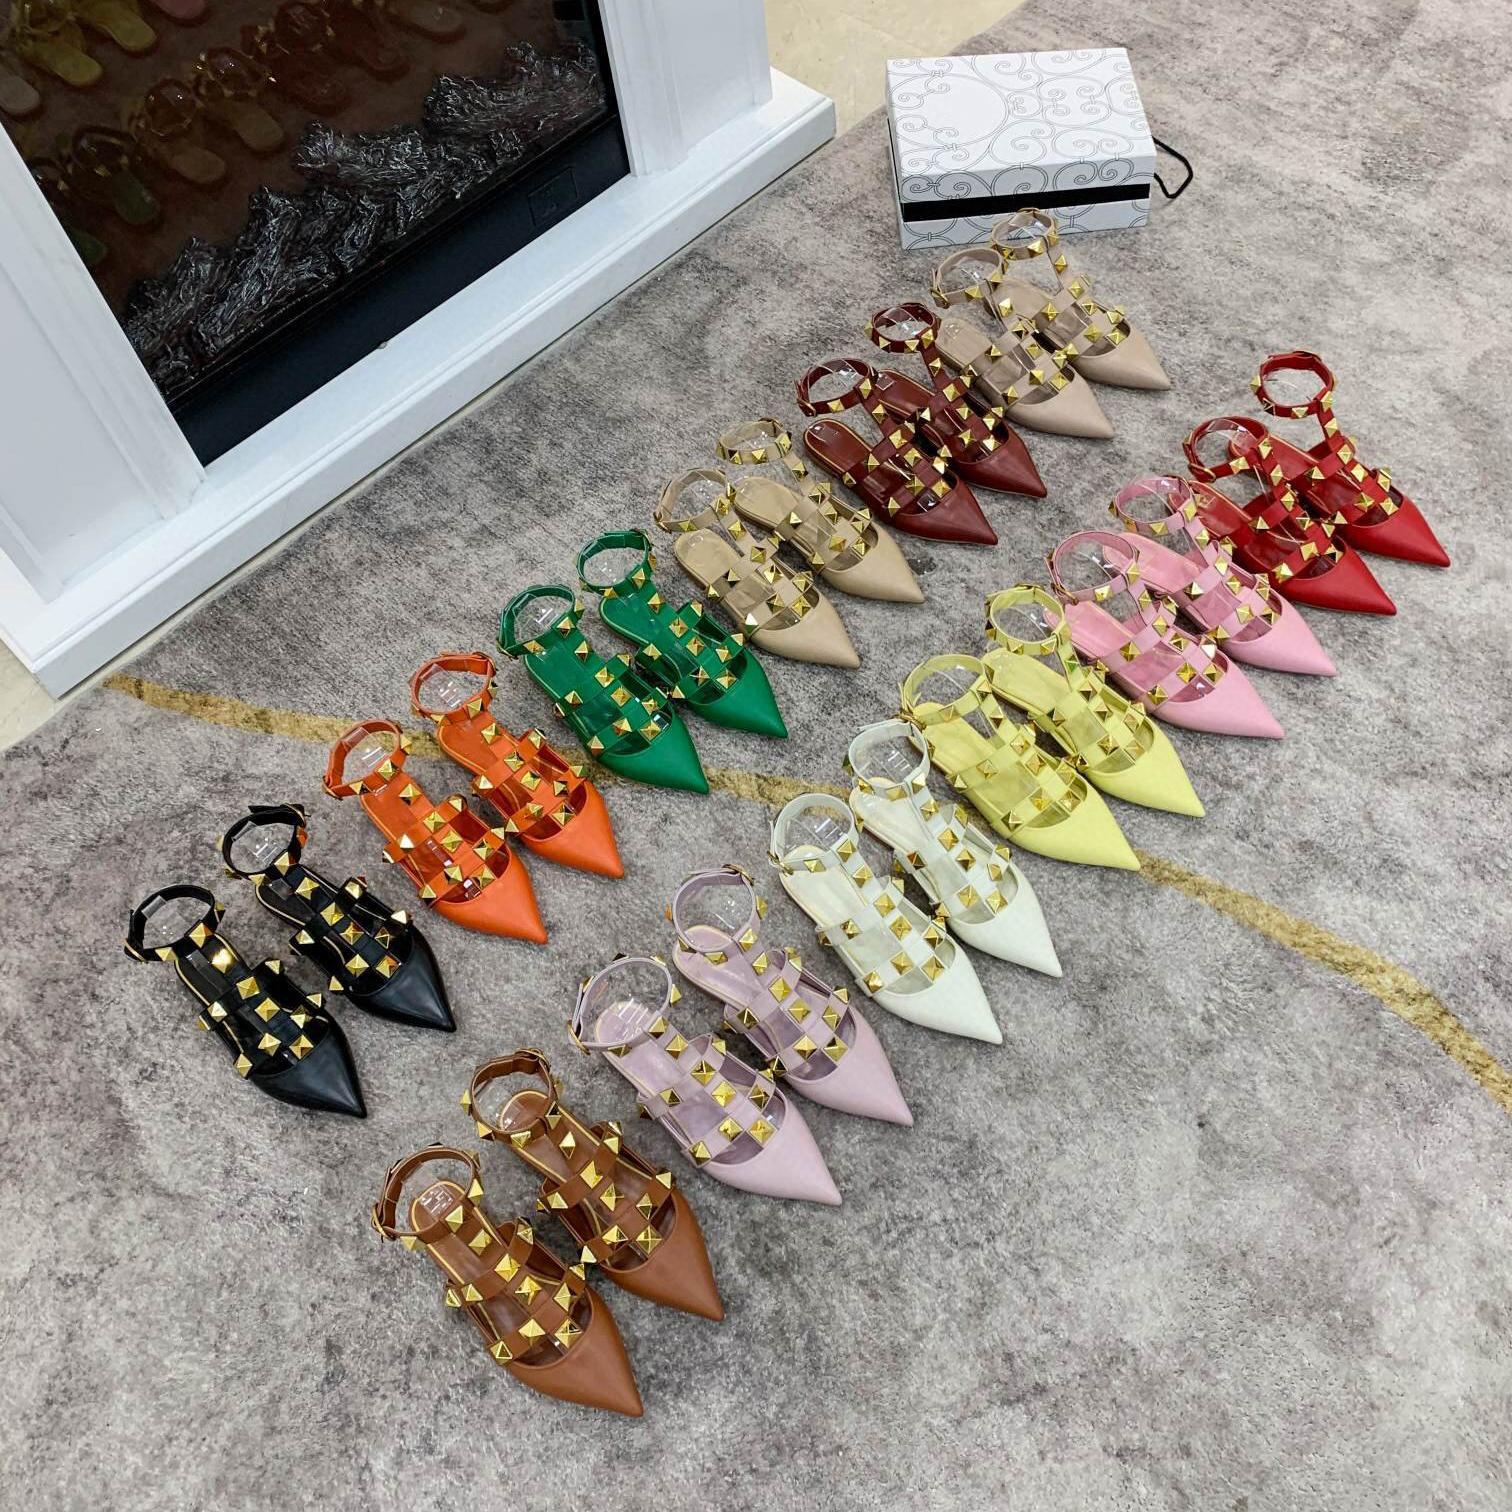 2021 Kadın Sandalet Sandales Gökleri Düğün Ayakkabı Çıplak Moda Ayak Bileği Sapanlar Perçinler Sandal Seksi Düz Topuklu Gelin Ayakkabı